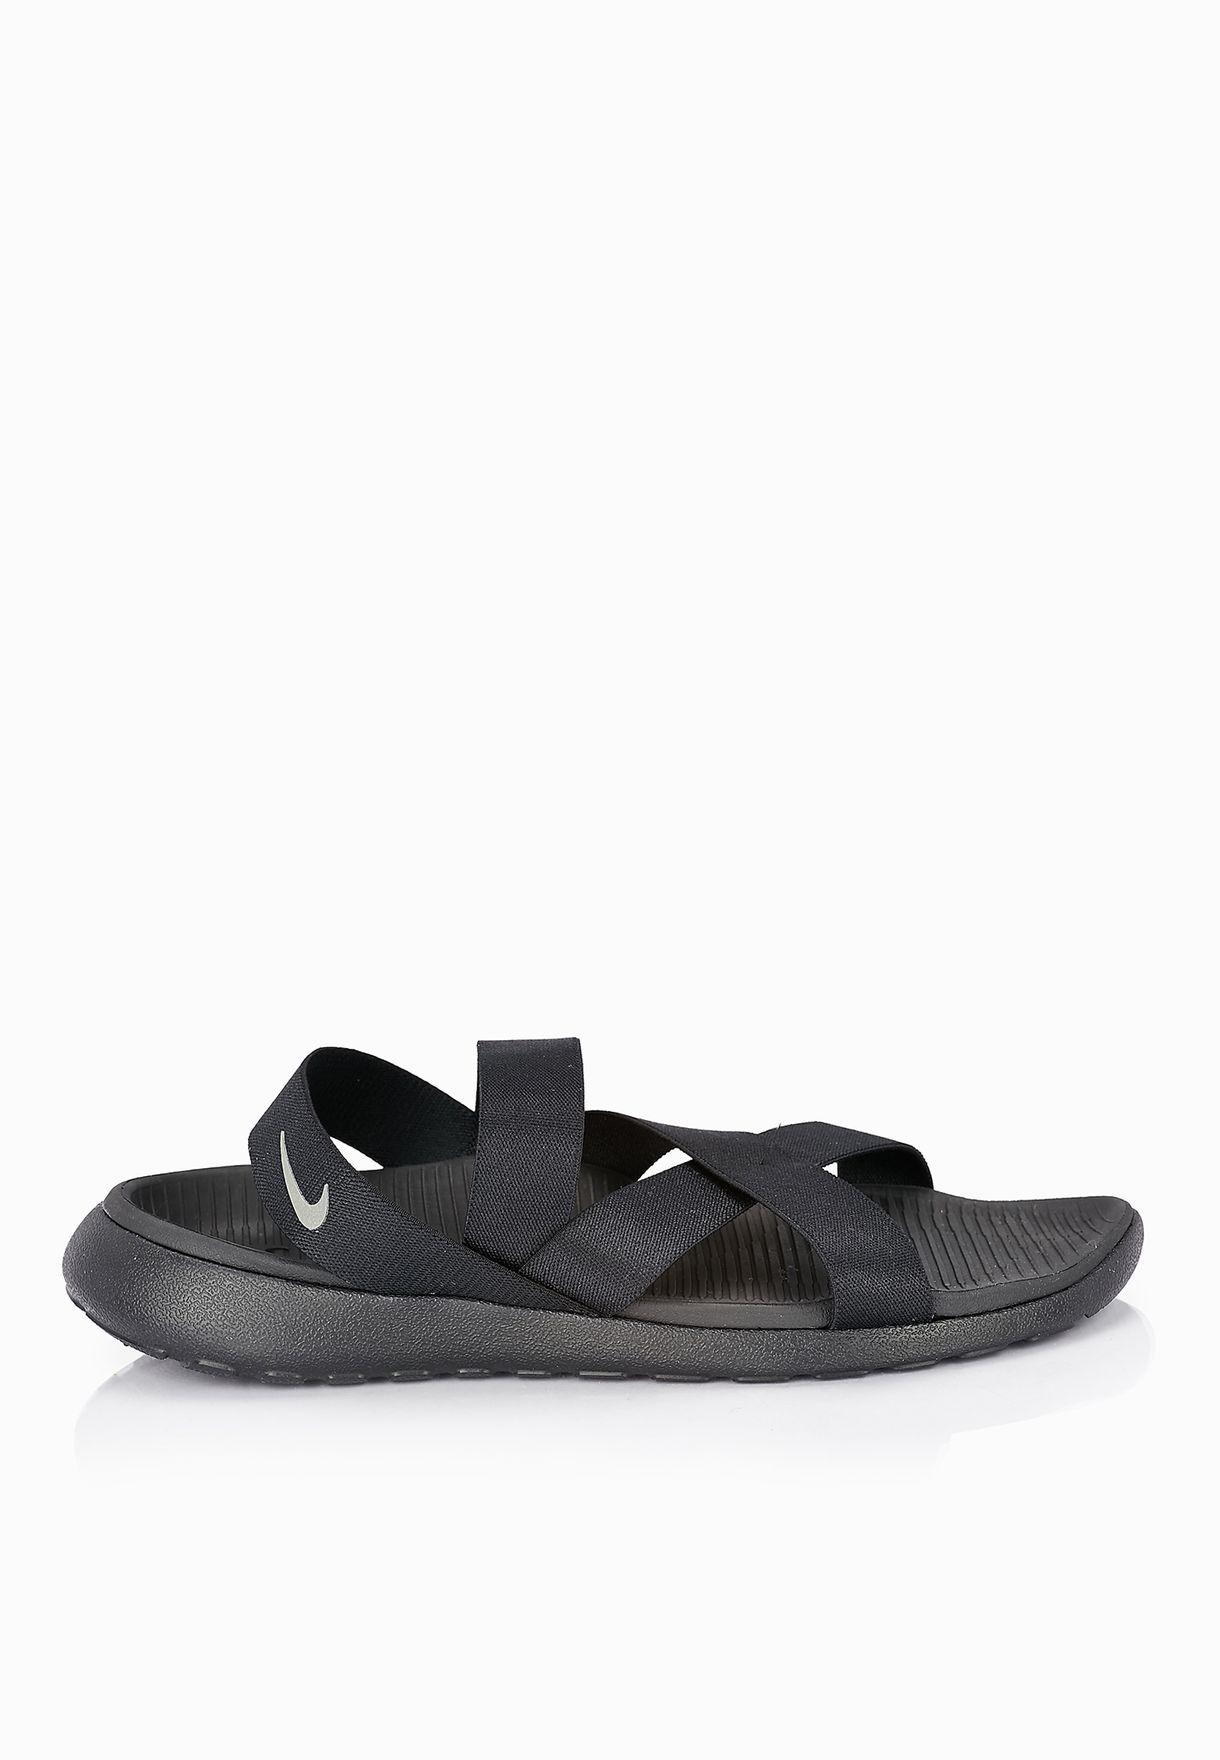 Shop Nike black Roshe One Sandal 830584-001 for Women in UAE ... b5b01bc62713